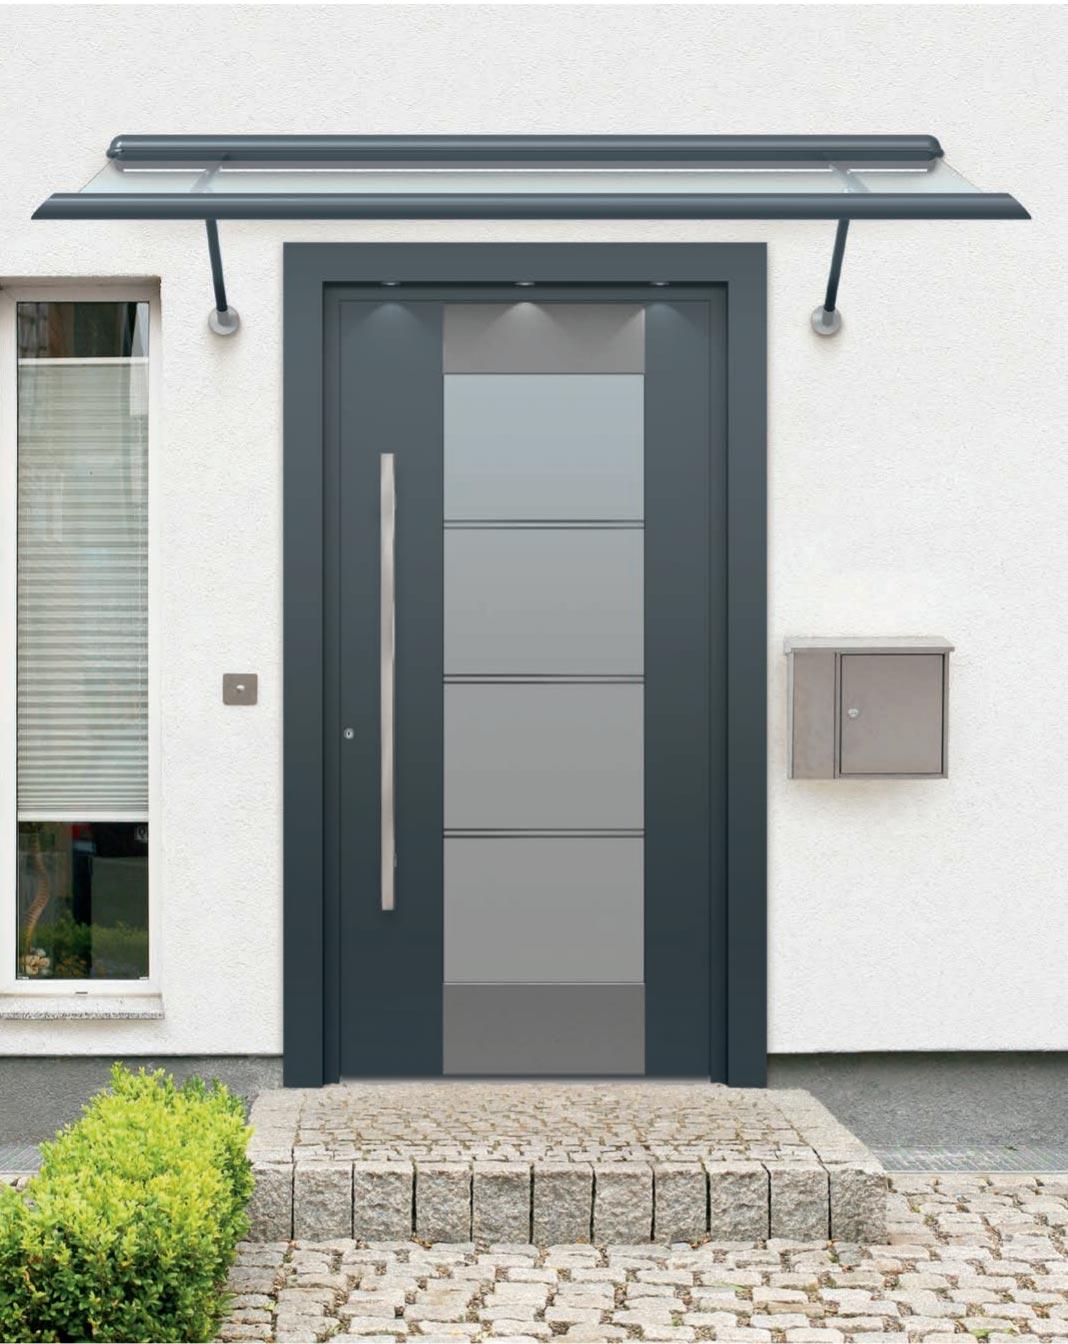 Kompotherm Referenz Vordach mit Haustür anthrazit von Sonne Rundum in Hamburg